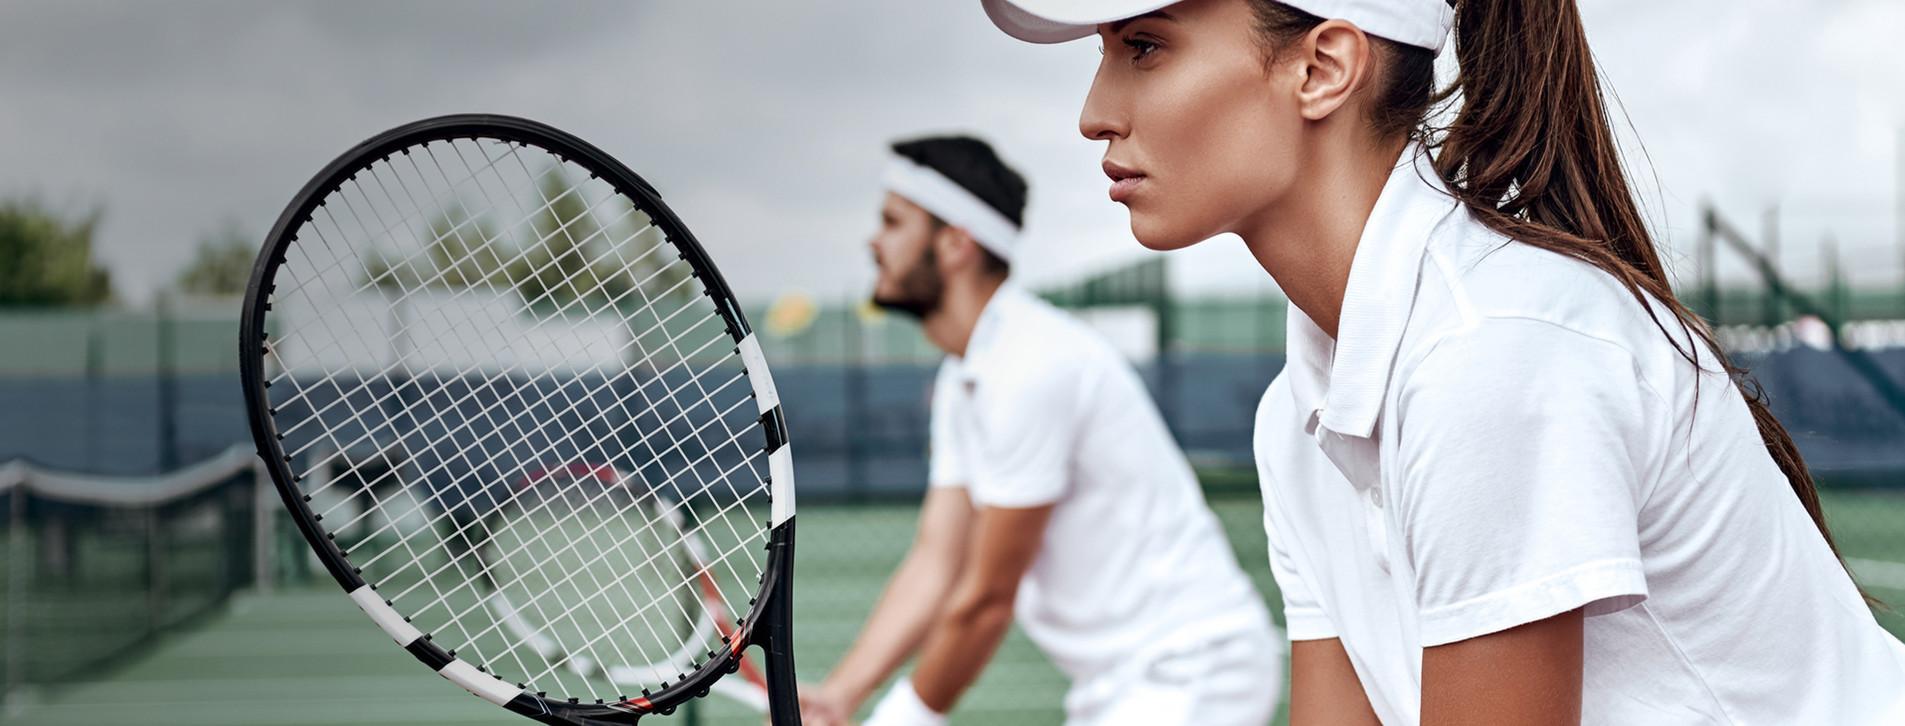 Фото 1 - Мастер-класс большого тенниса для двоих